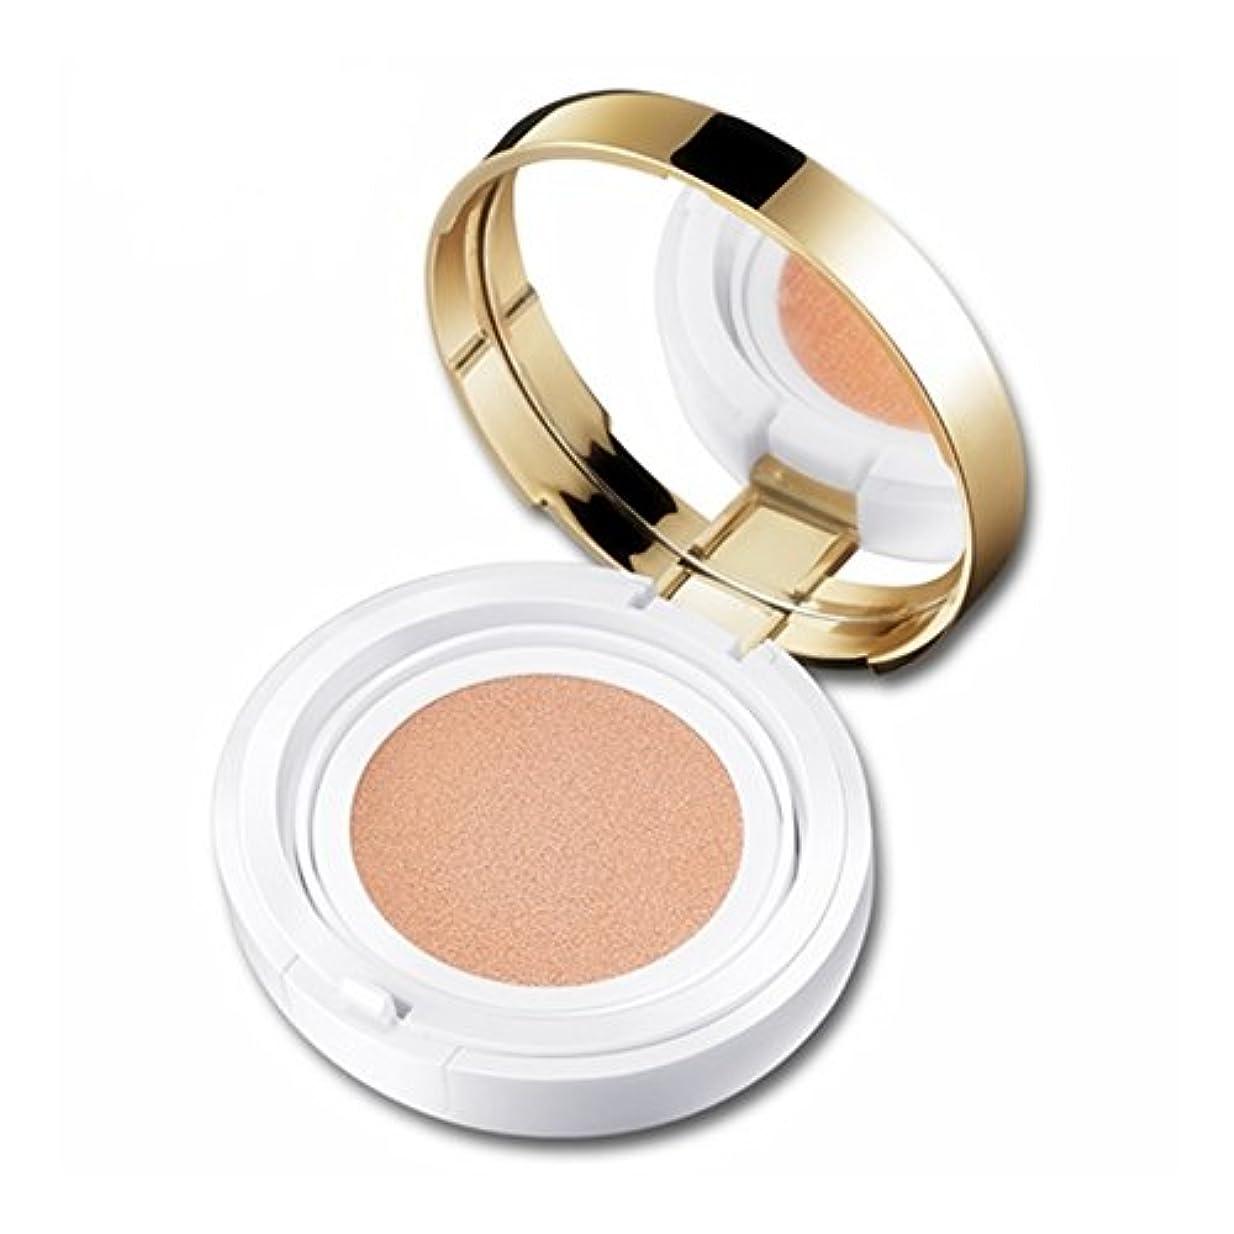 タワー流星気まぐれなFlawless Makeup Air Cushion BB Cream Moisturizing Natural Tone Bare Makeup Concealer Primer Color Foundation Cosmetics...